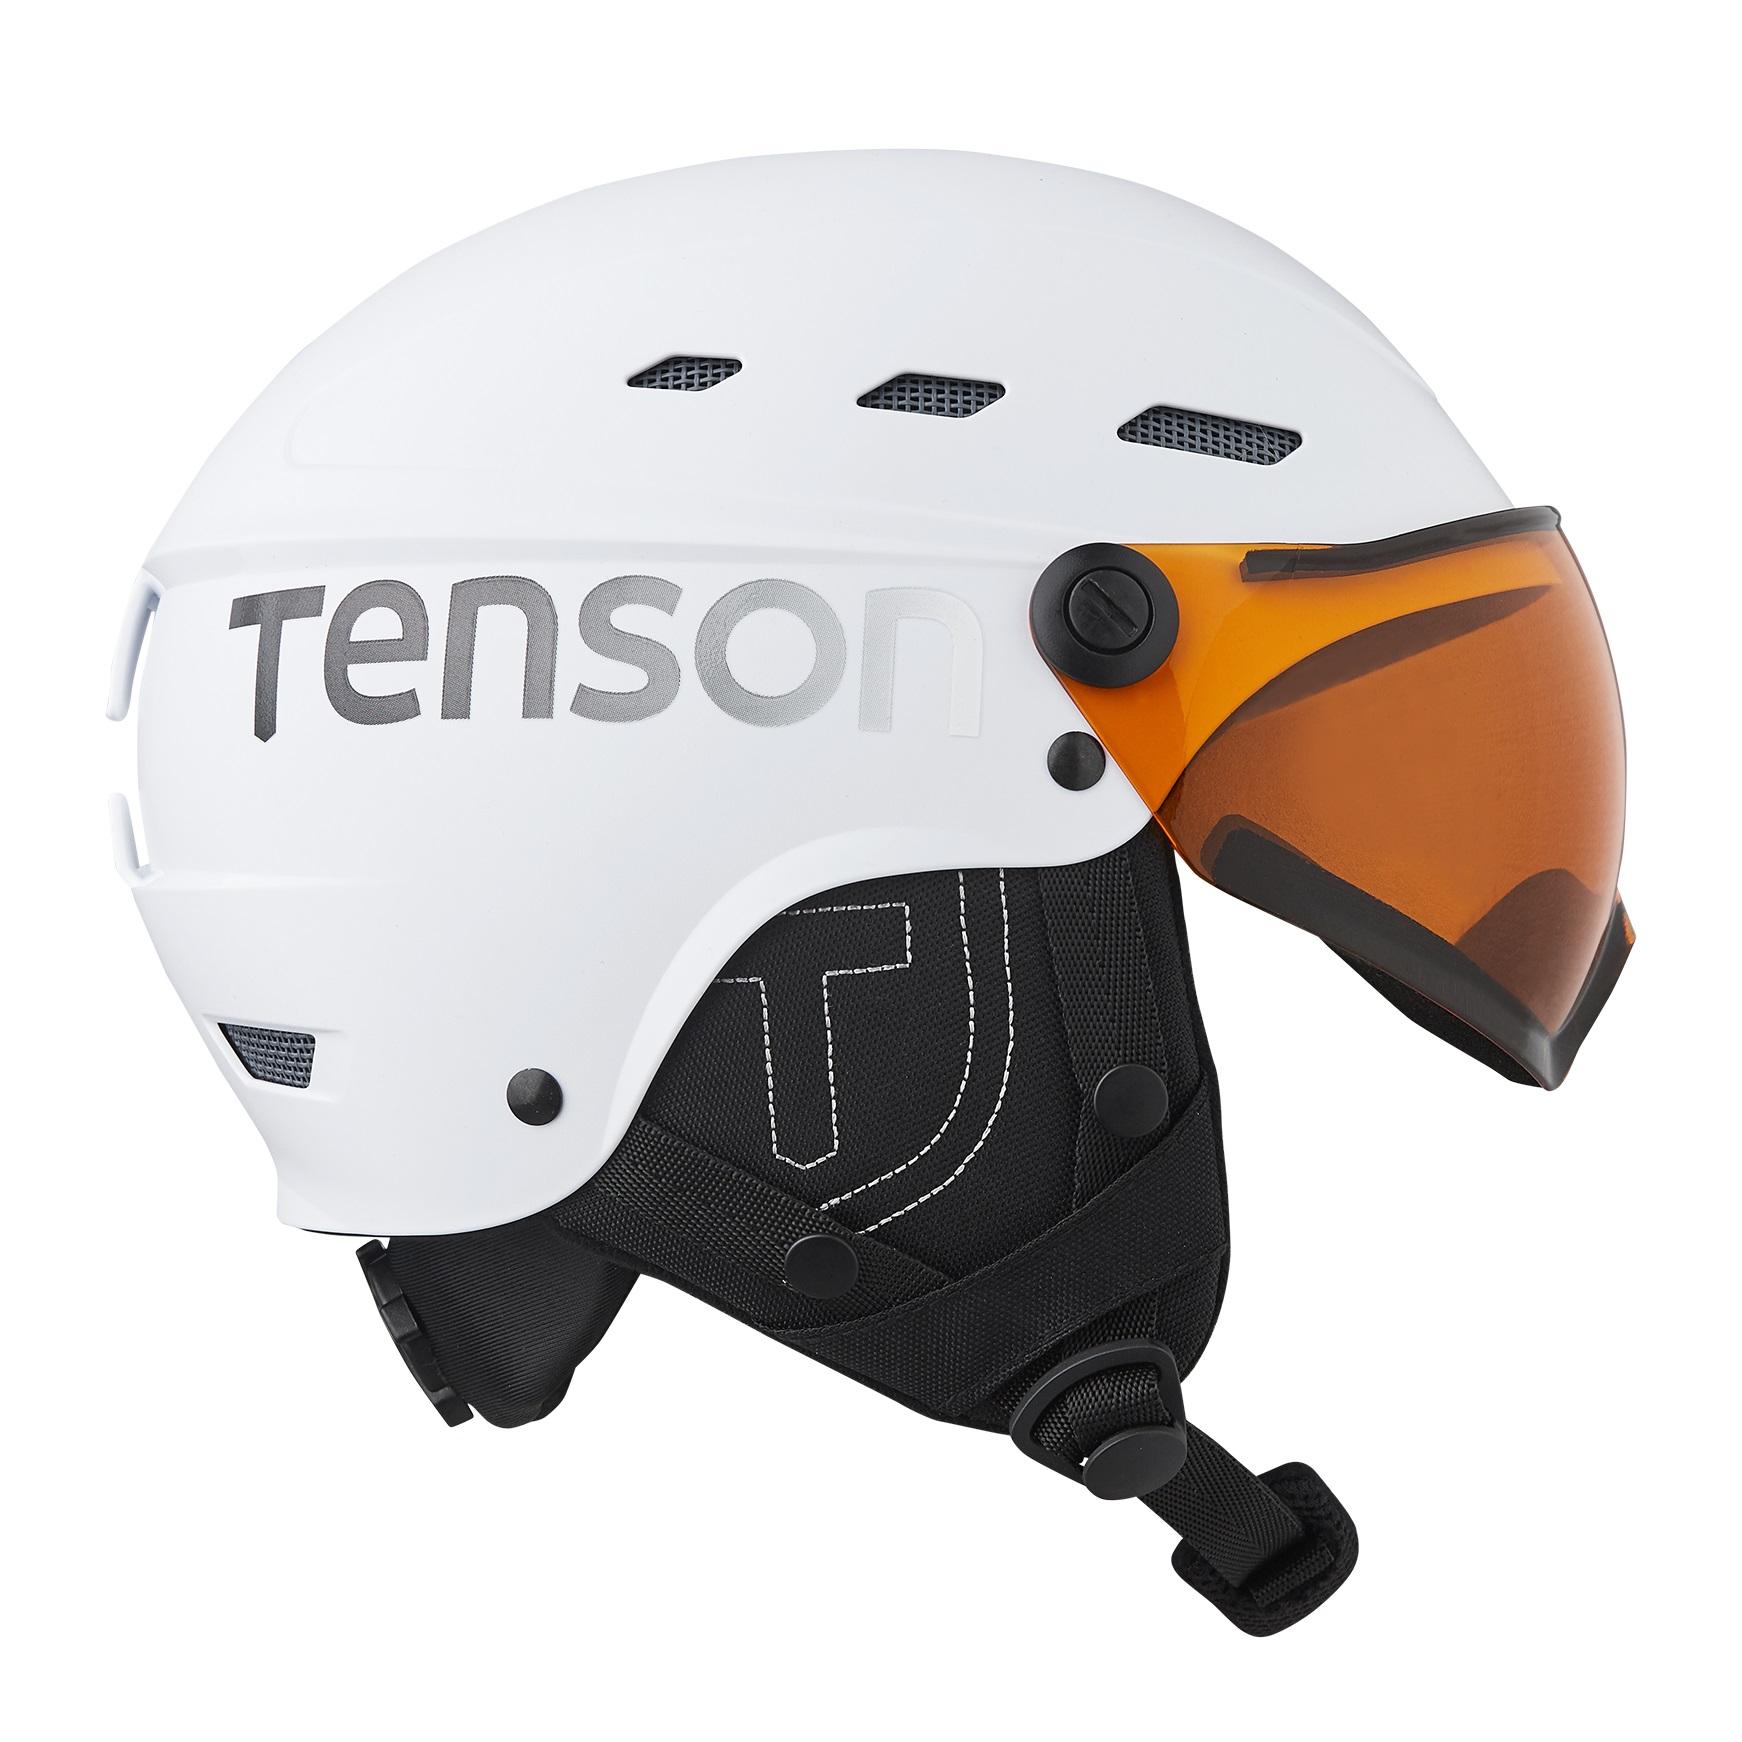 Tenson Core Visor